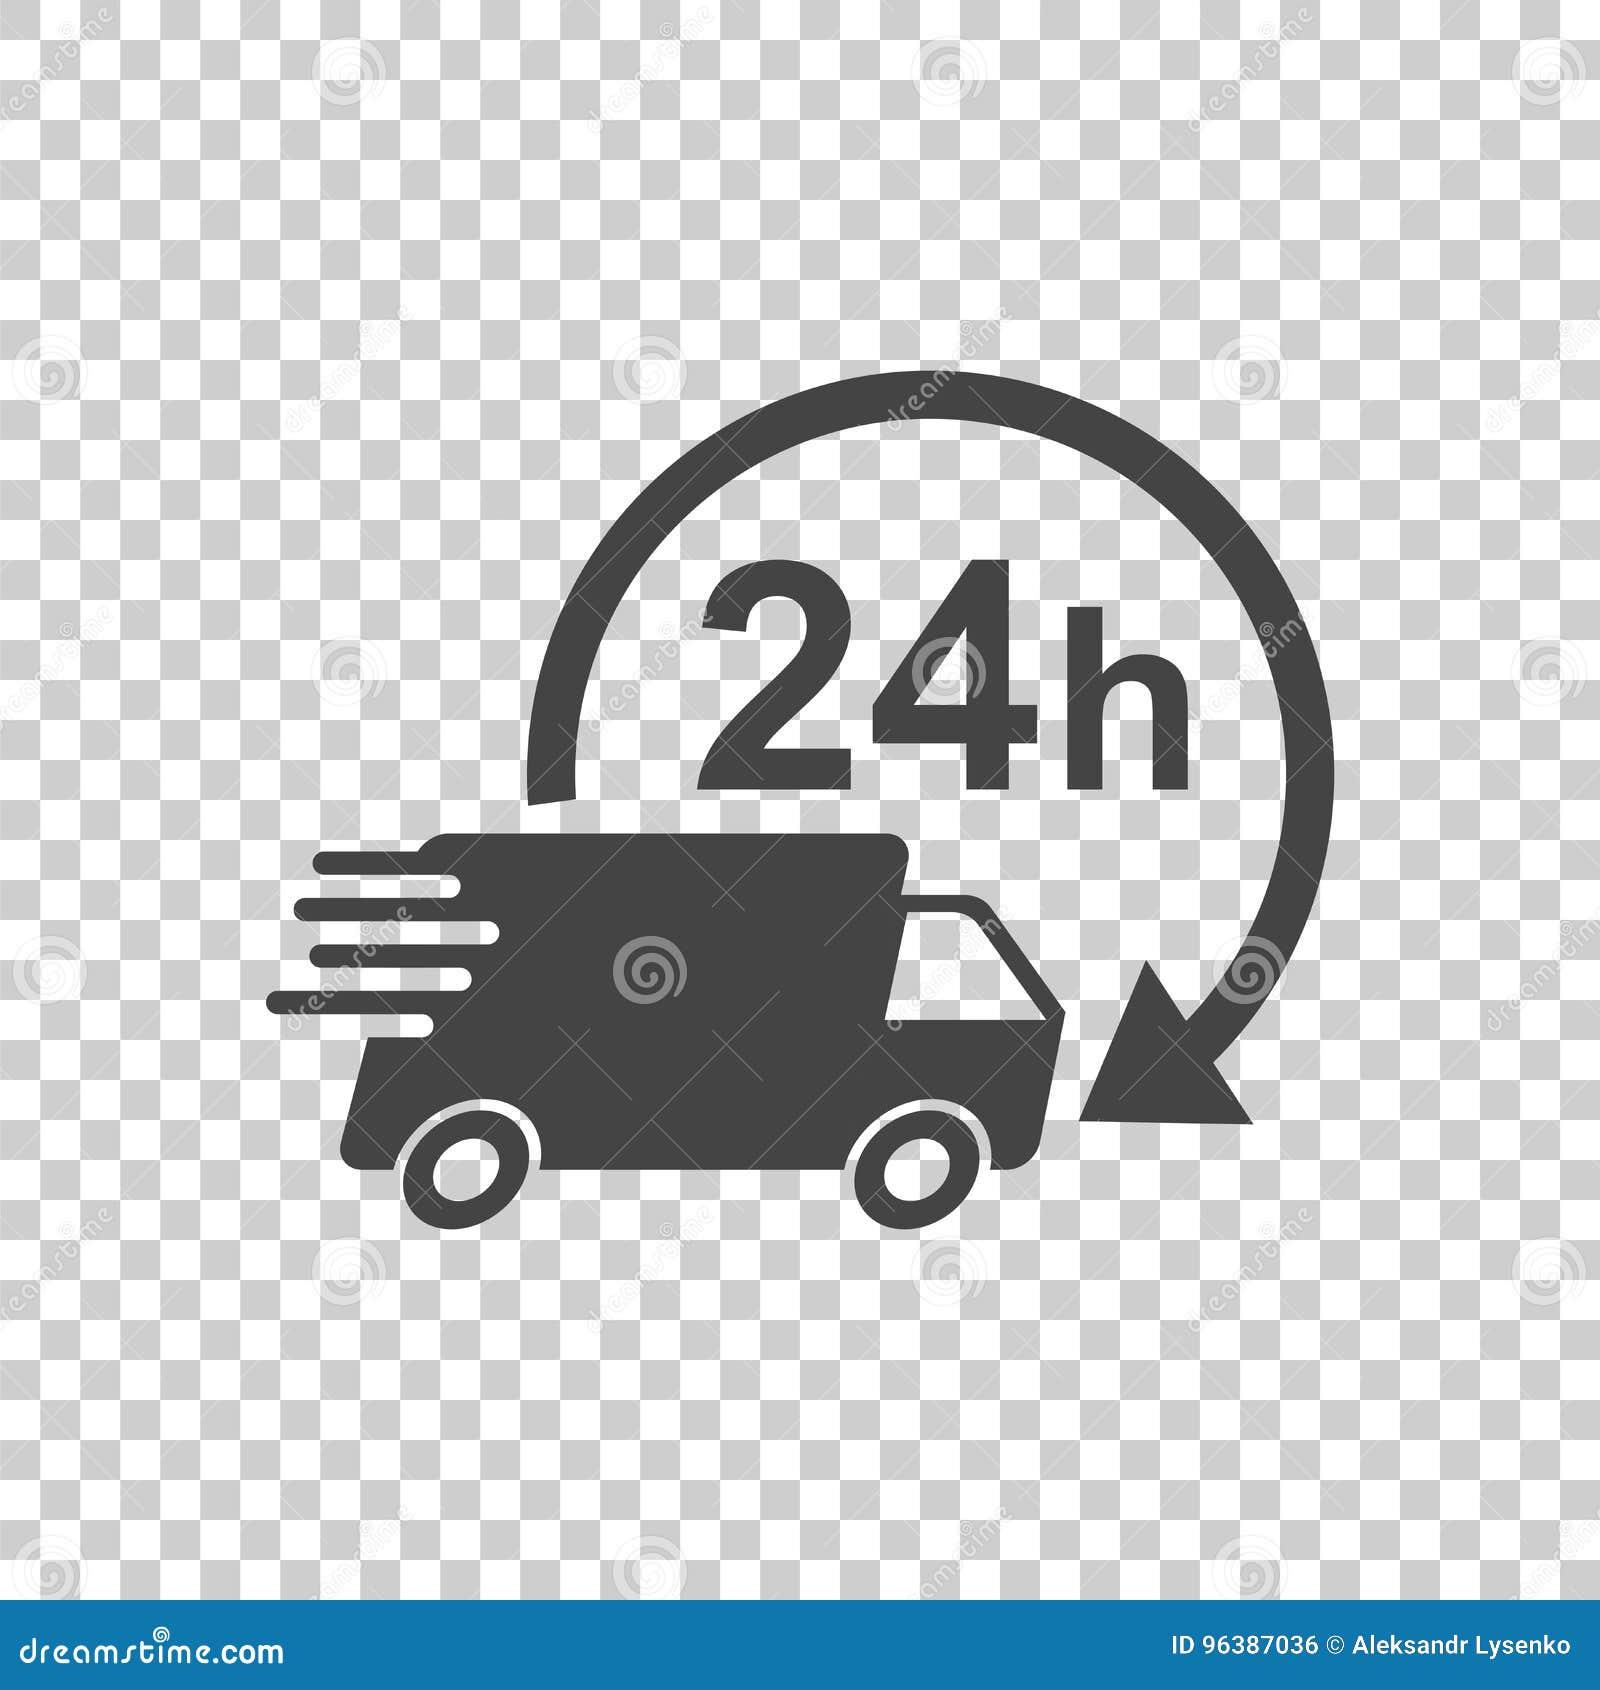 lkw der lieferung 24h mit uhrvektorillustration 24 stunden fasten vektor abbildung. Black Bedroom Furniture Sets. Home Design Ideas